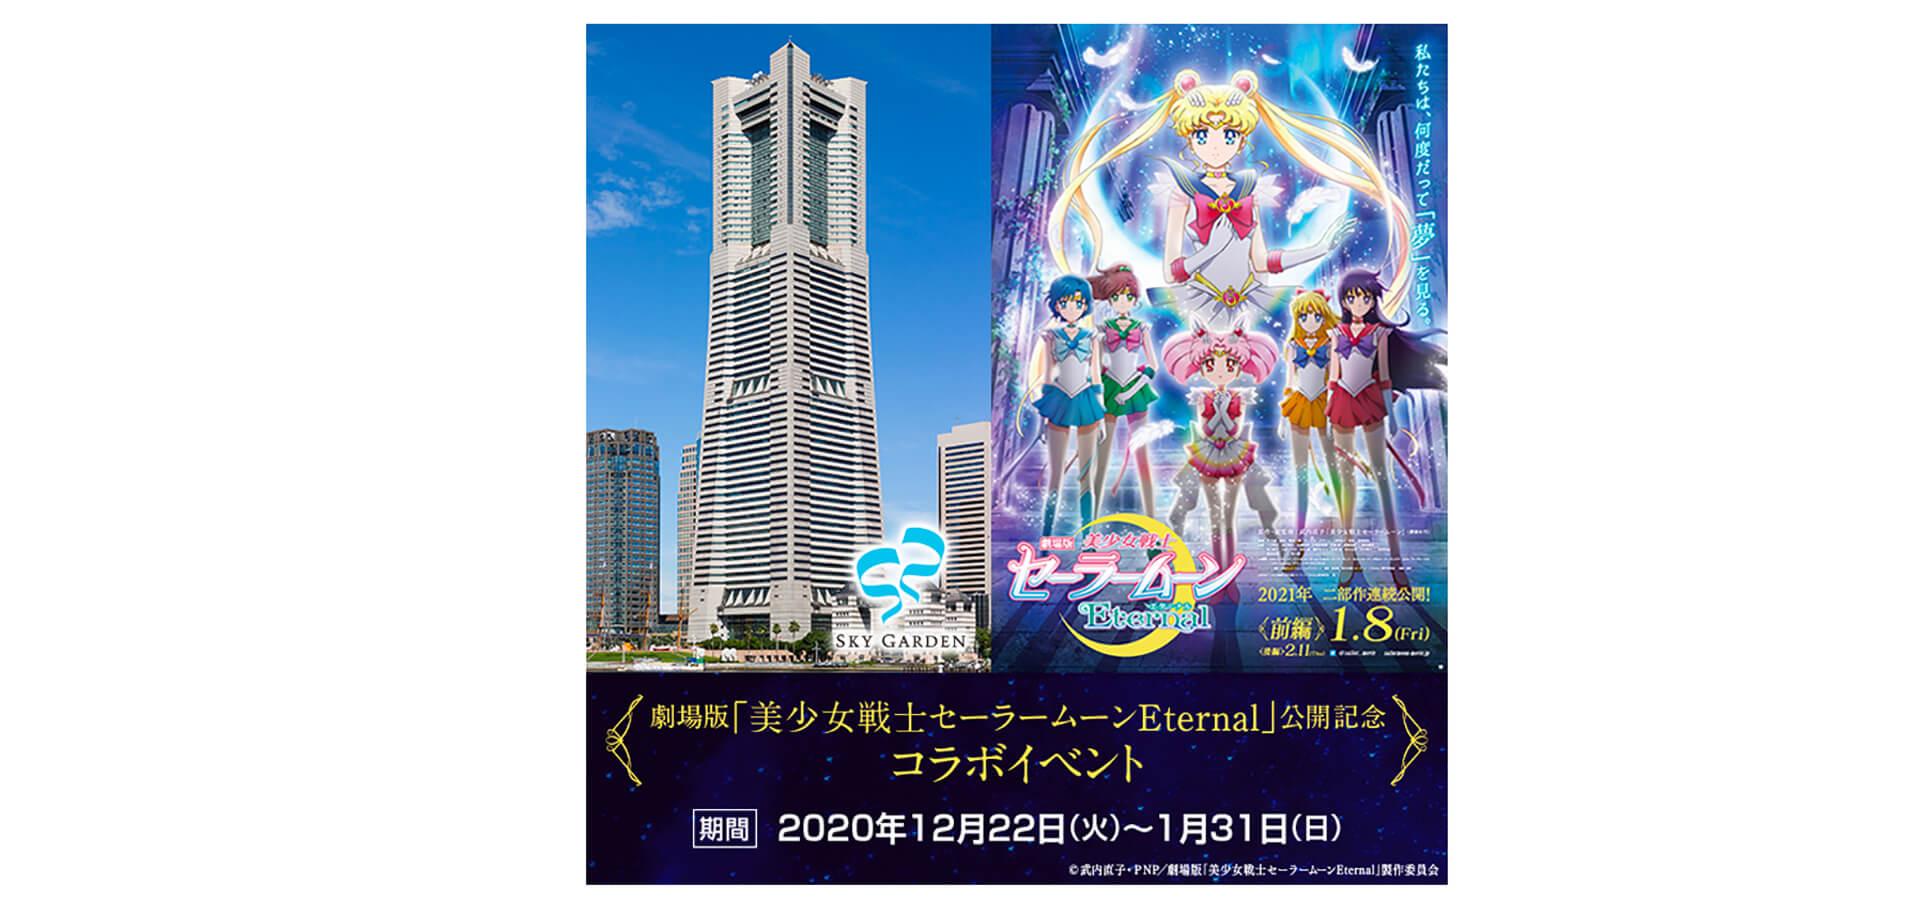 スカイガーデン×劇場版「美少女戦士セーラームーンEternal」劇場版公開記念!コラボイベント